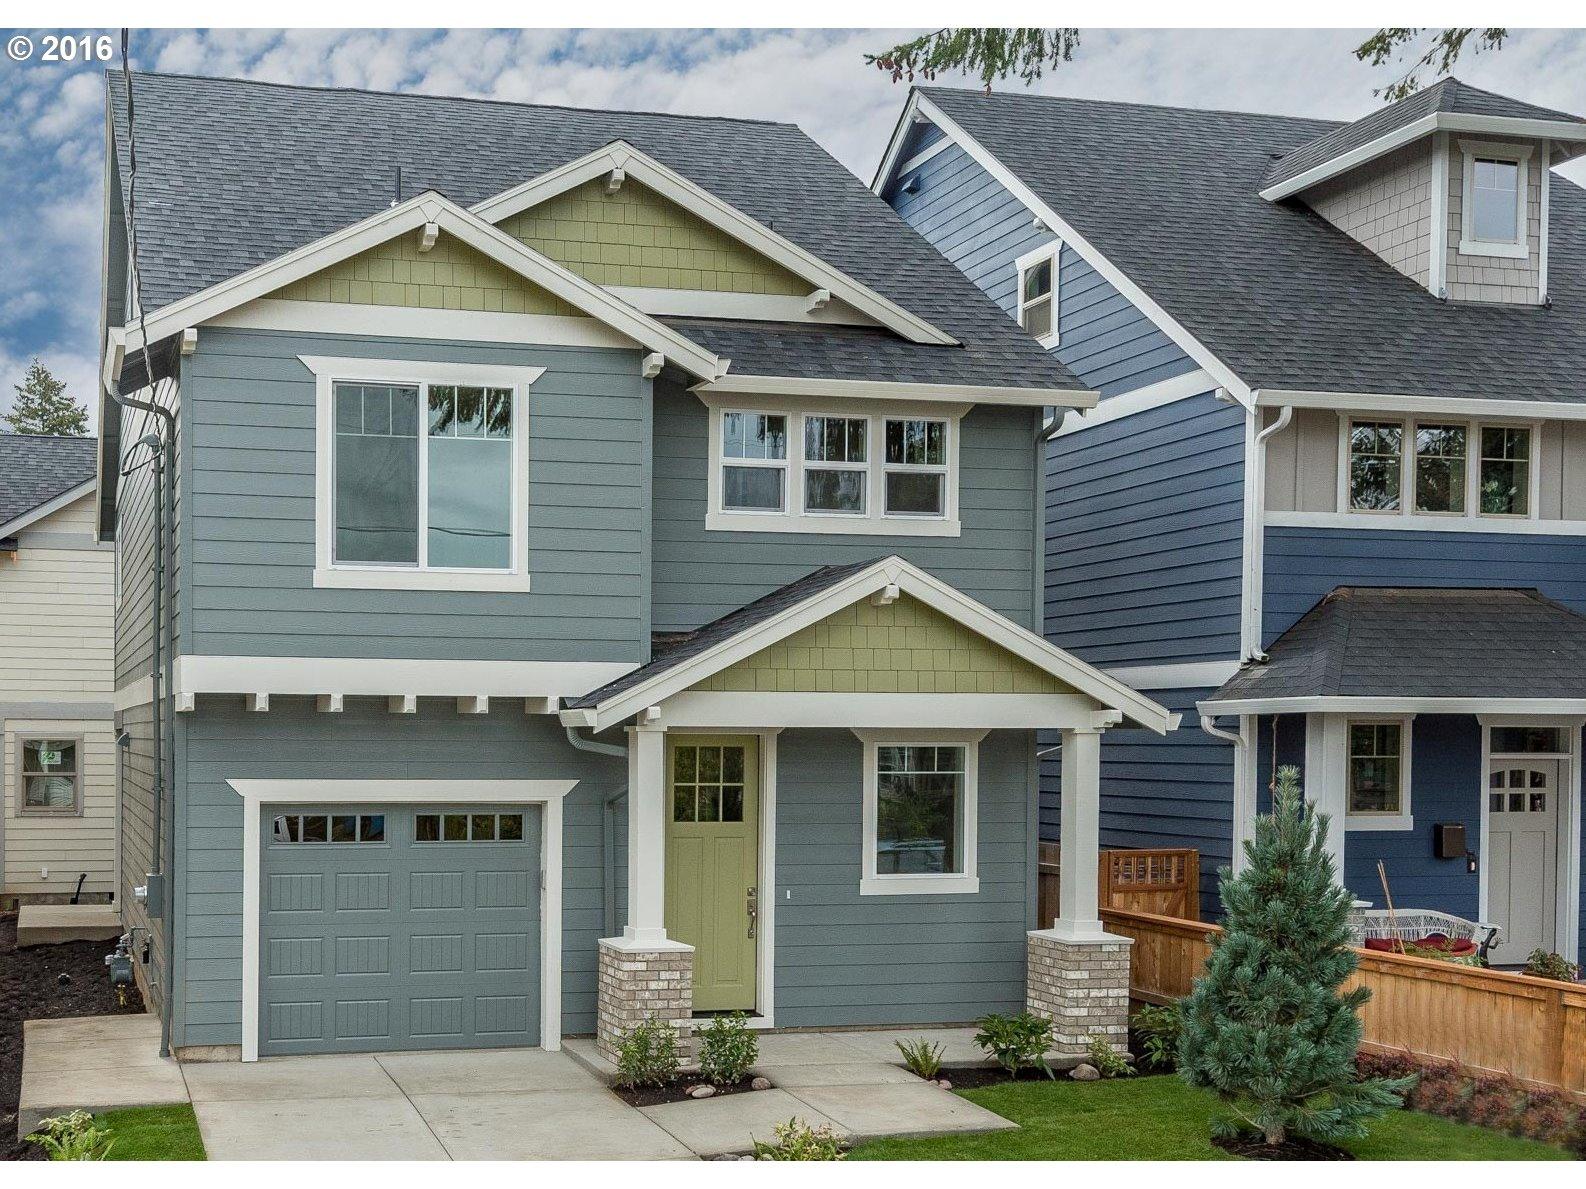 7650 SE Martins ST, Portland OR 97206